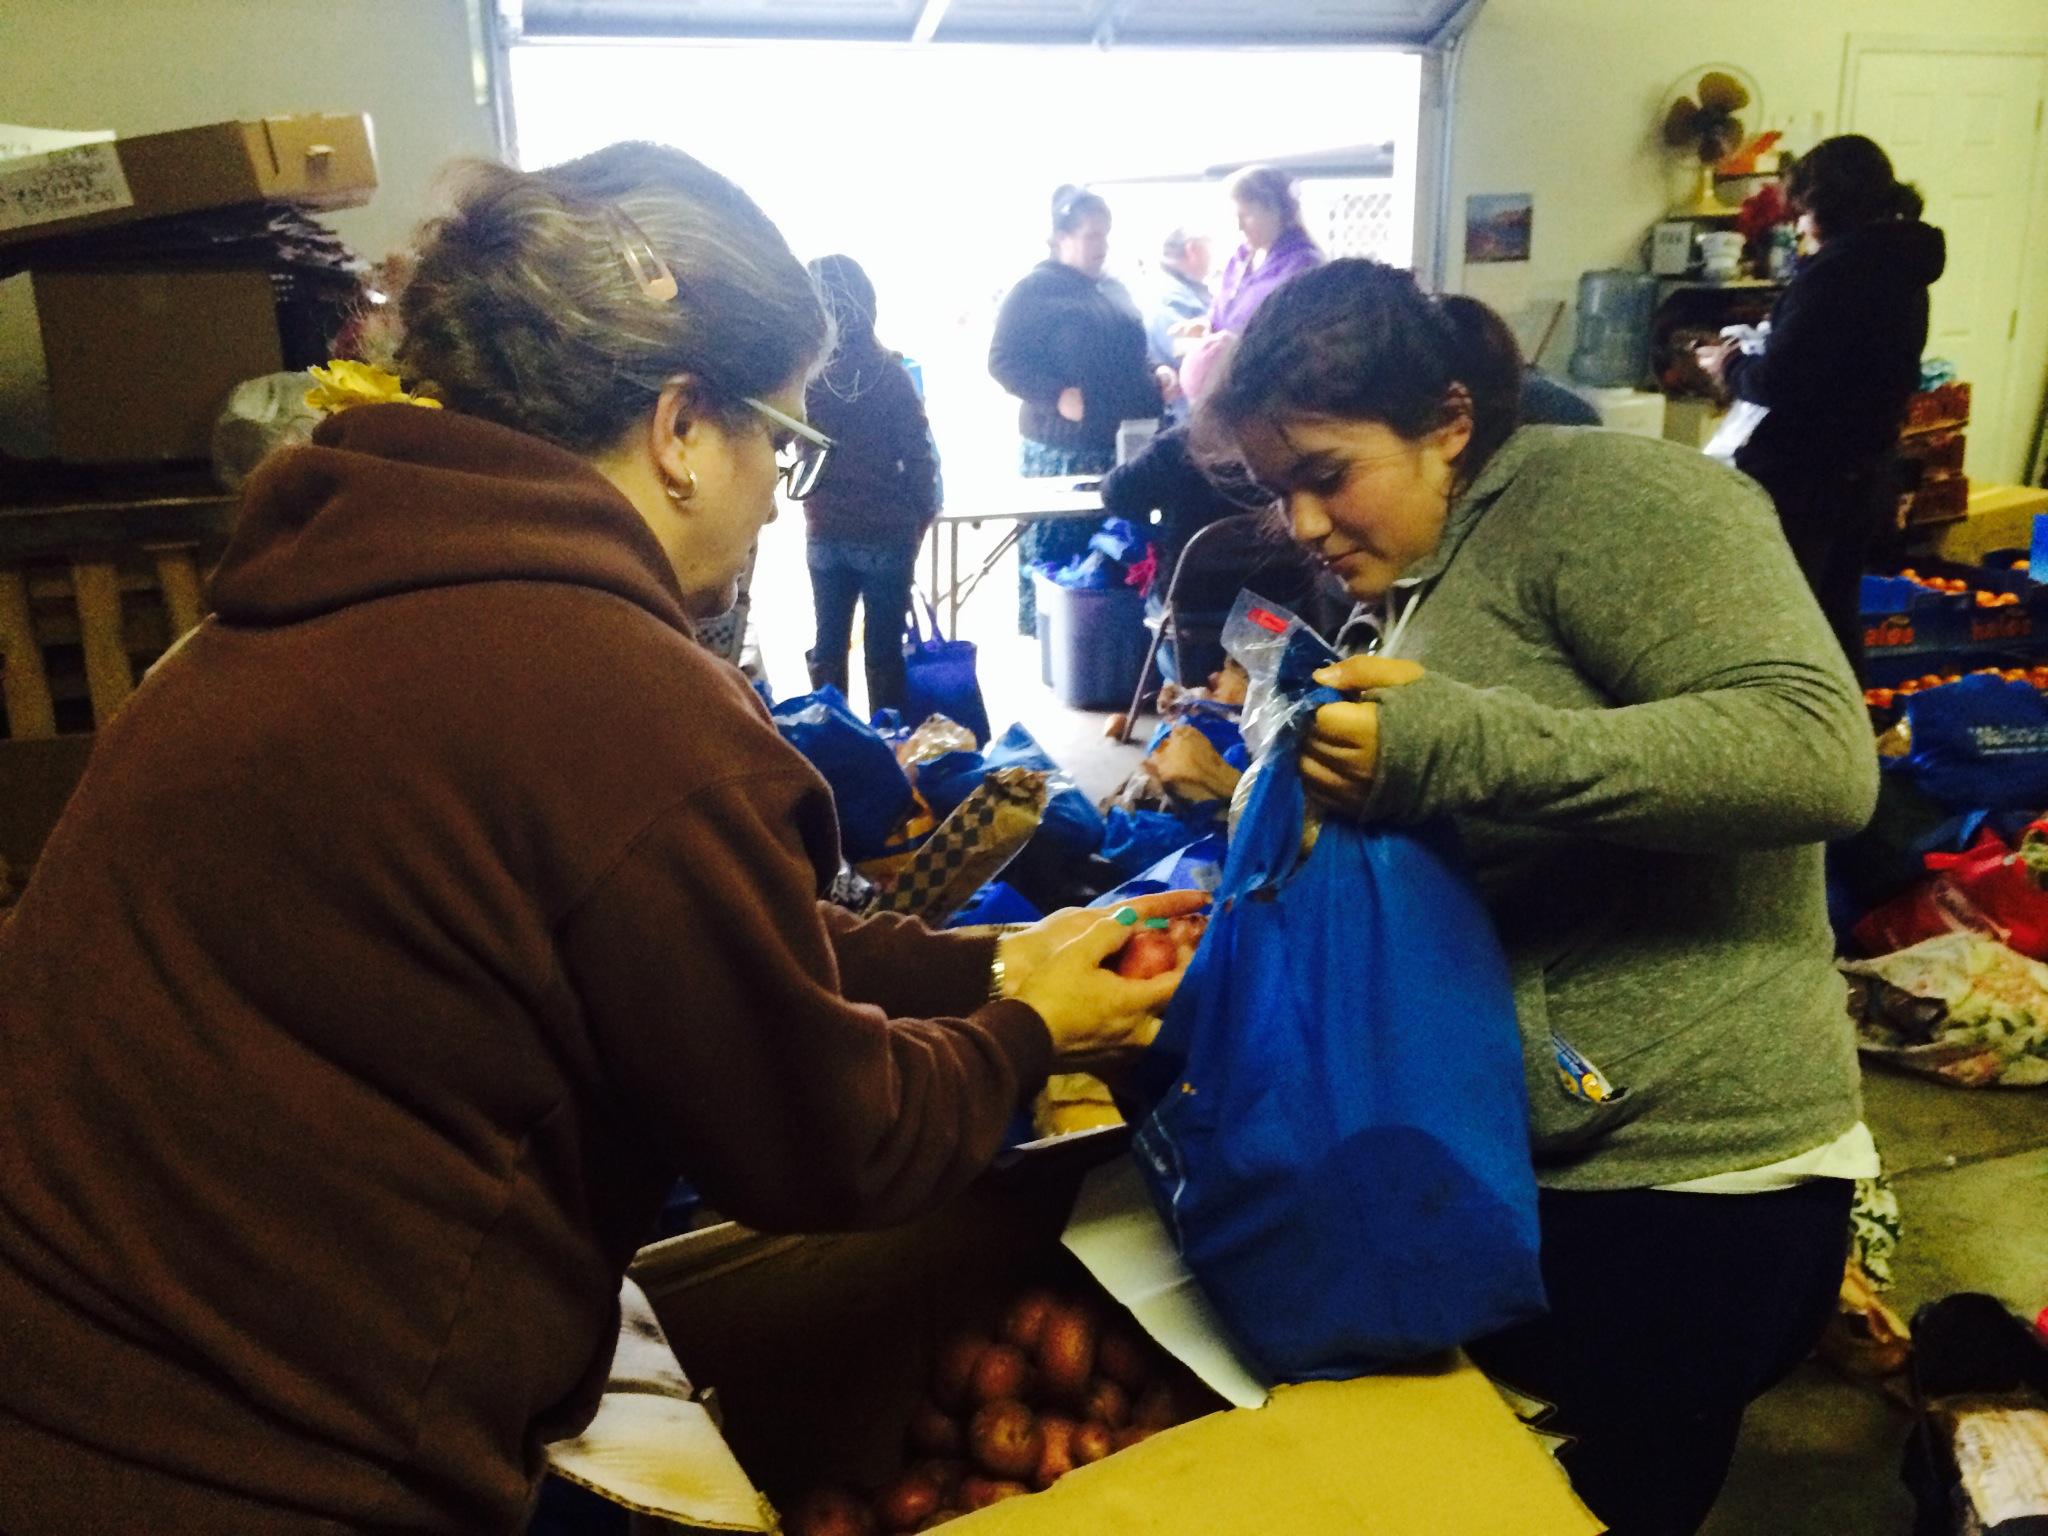 Un voluntario ayuda la a una señora con sus bolsas de comida.